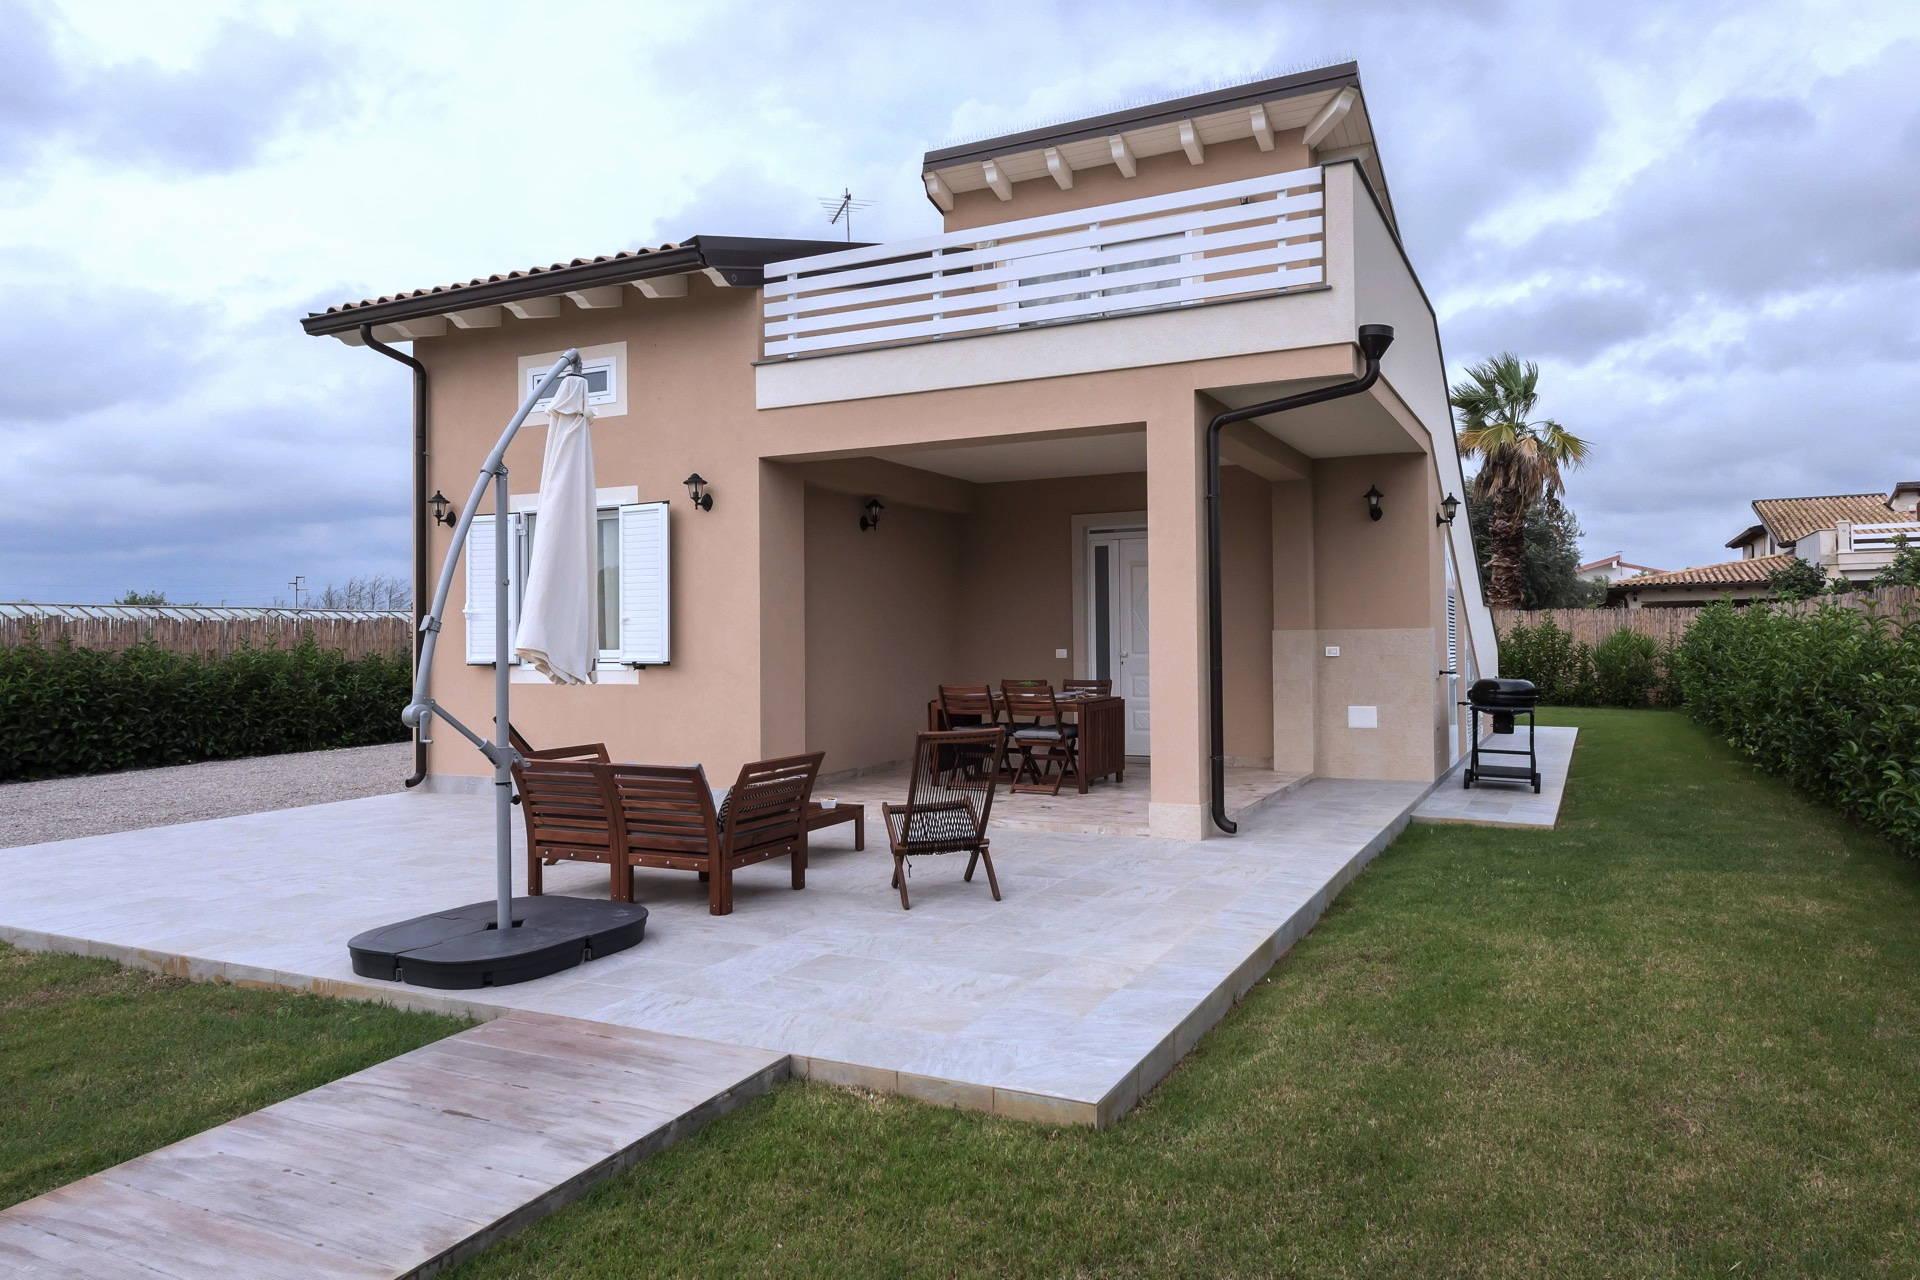 Le facciate di case che abbiamo visto in questa carrellata permettono di capire come l'esterno di una casa moderna possa arricchire. Villa Erica Scent Of Sicily